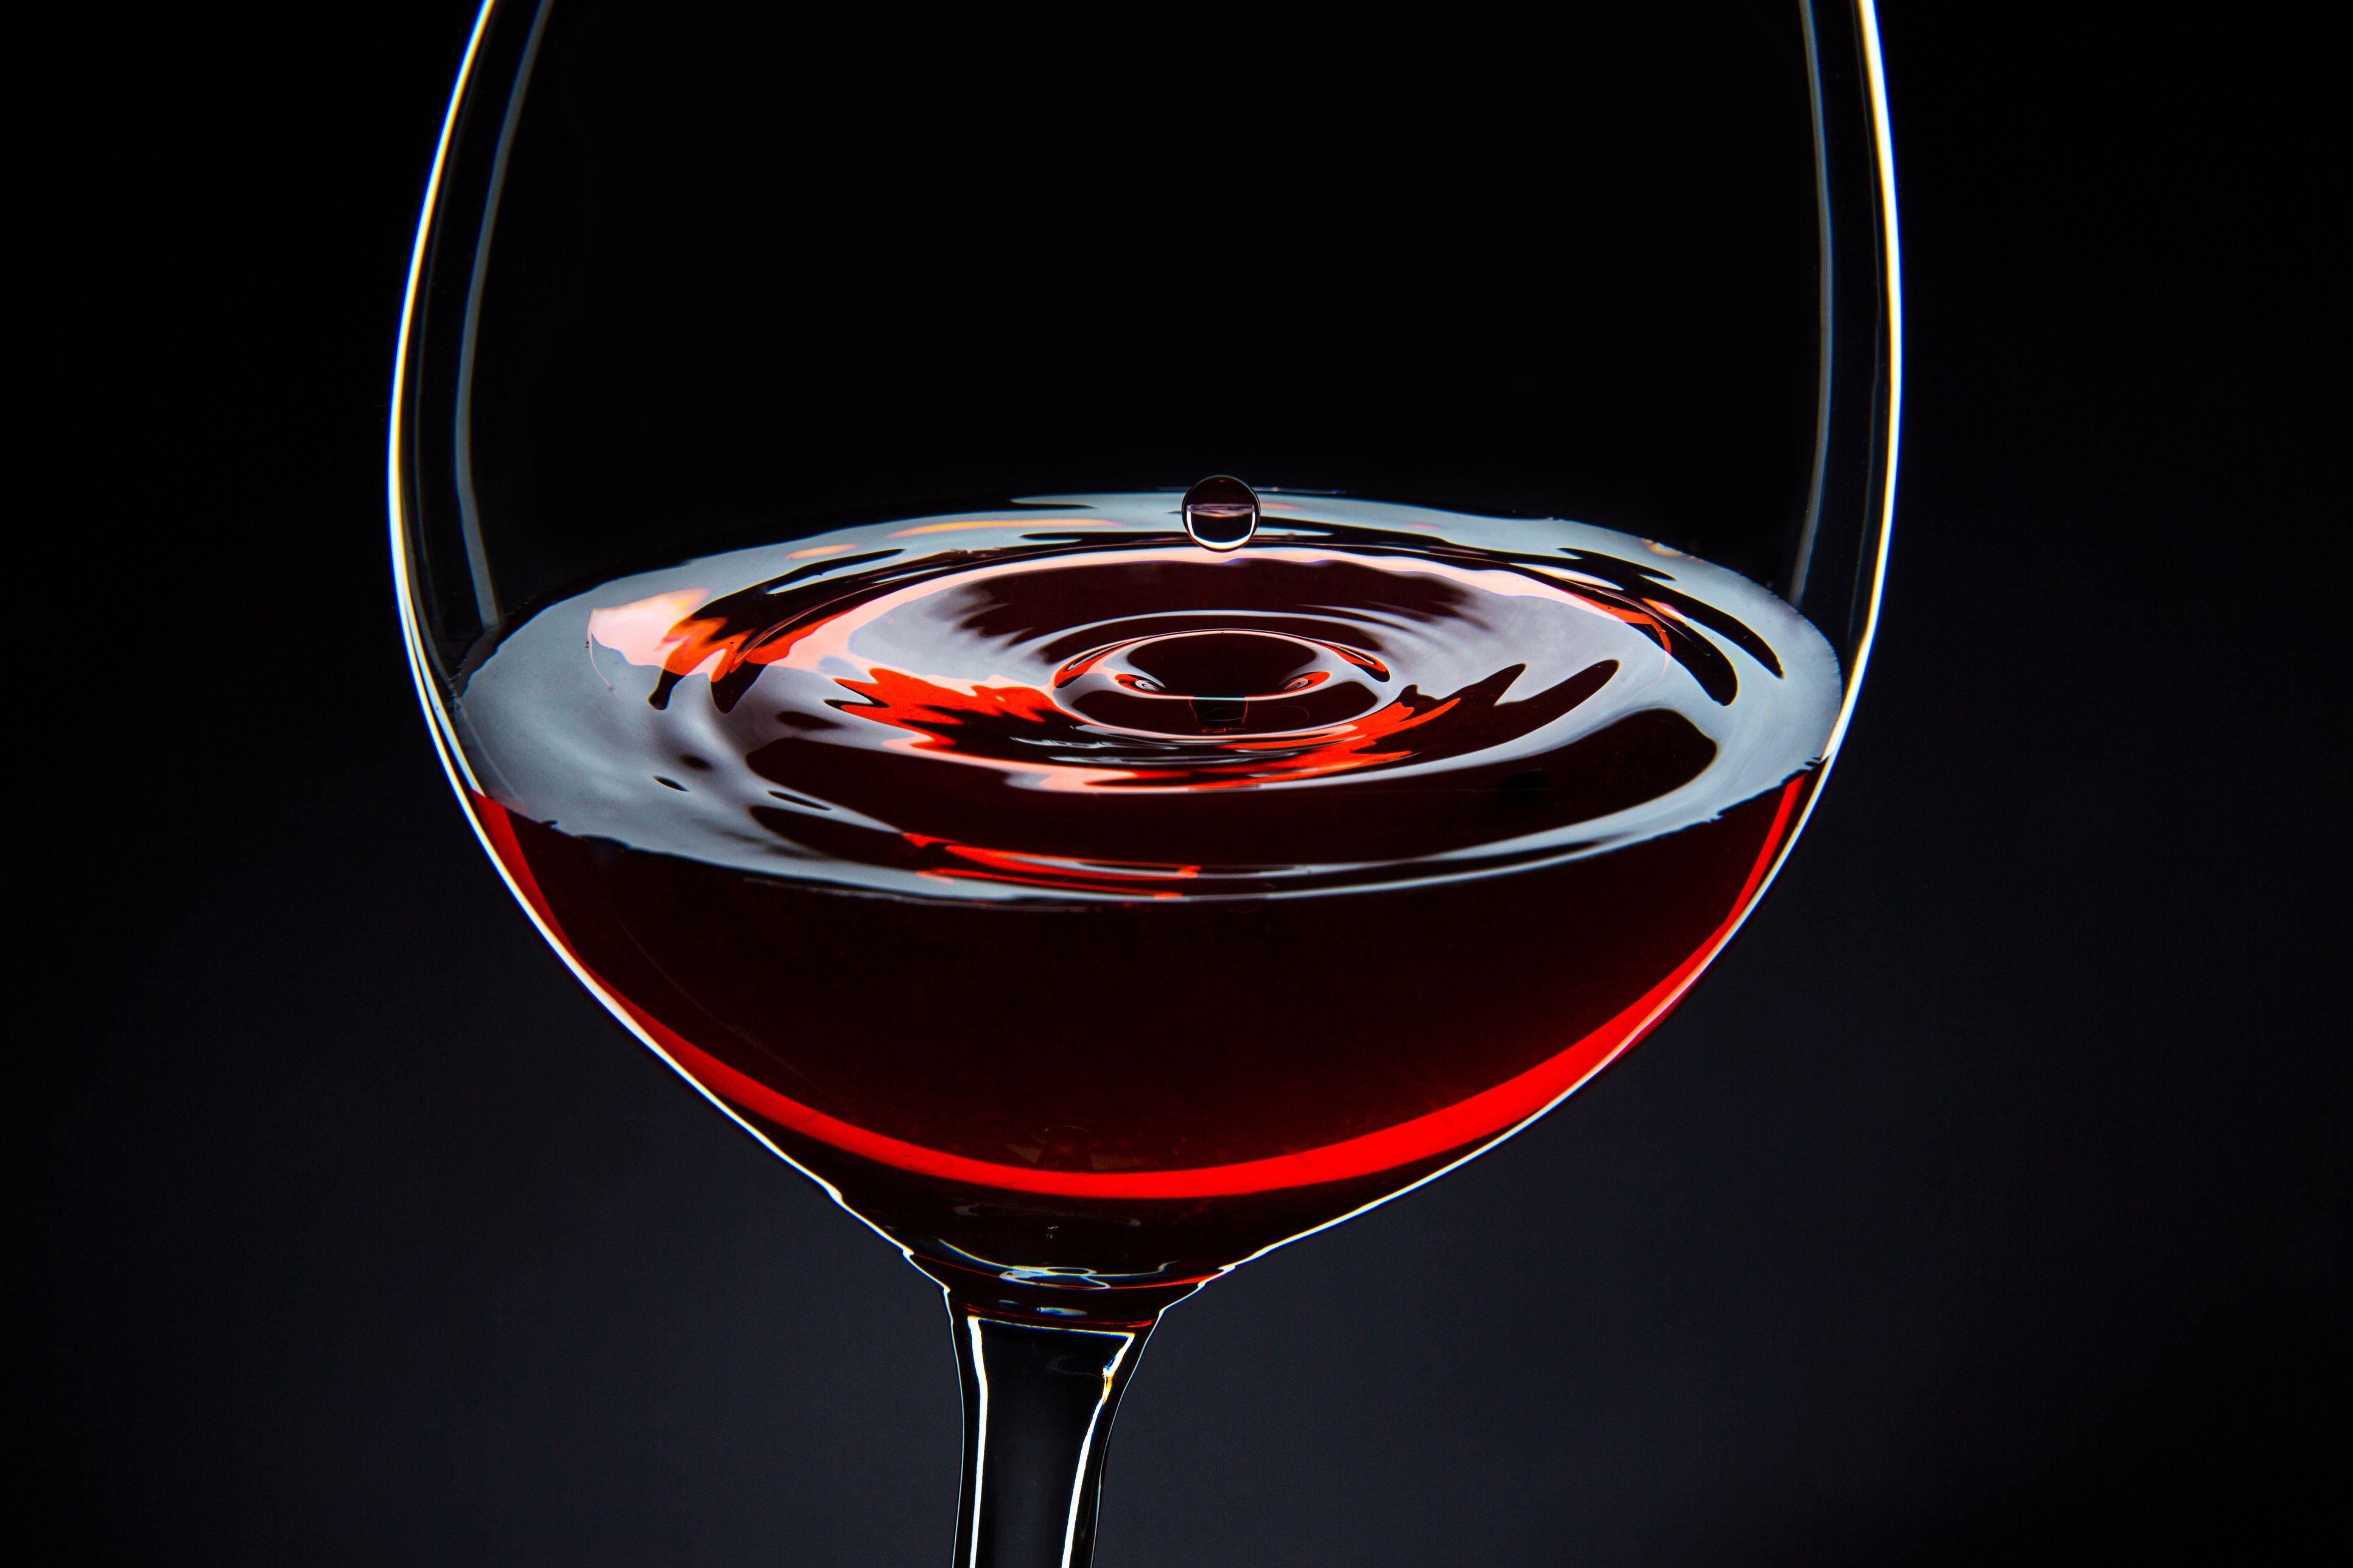 Quanto fa bene un bicchiere di vino